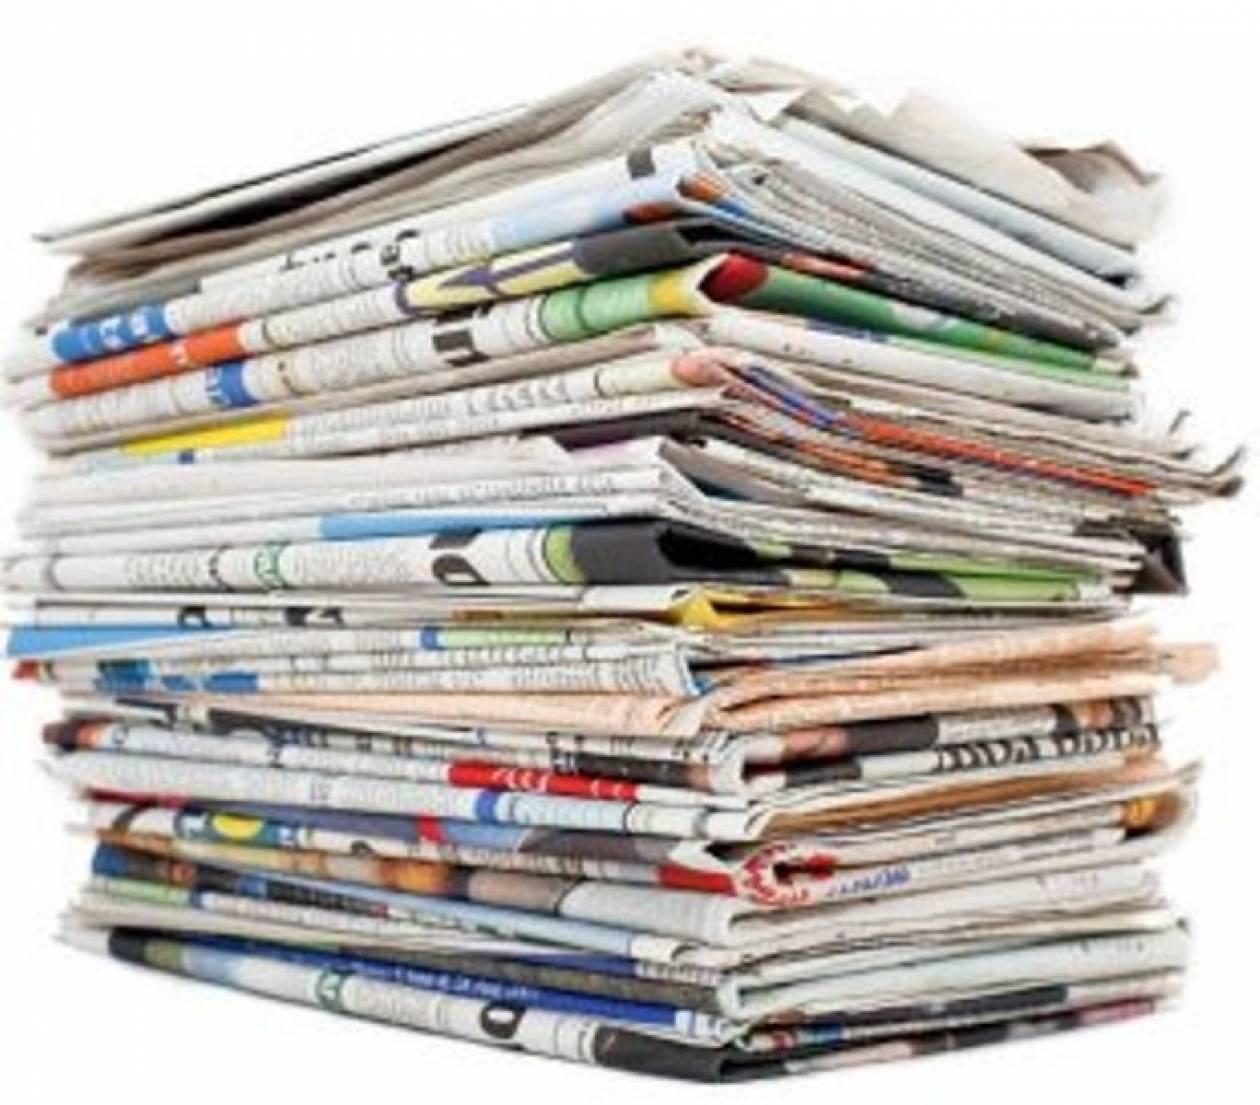 Κρίση στην ευρωζώνη και εφεδρεία στα πρωτοσέλιδα των εφημερίδων